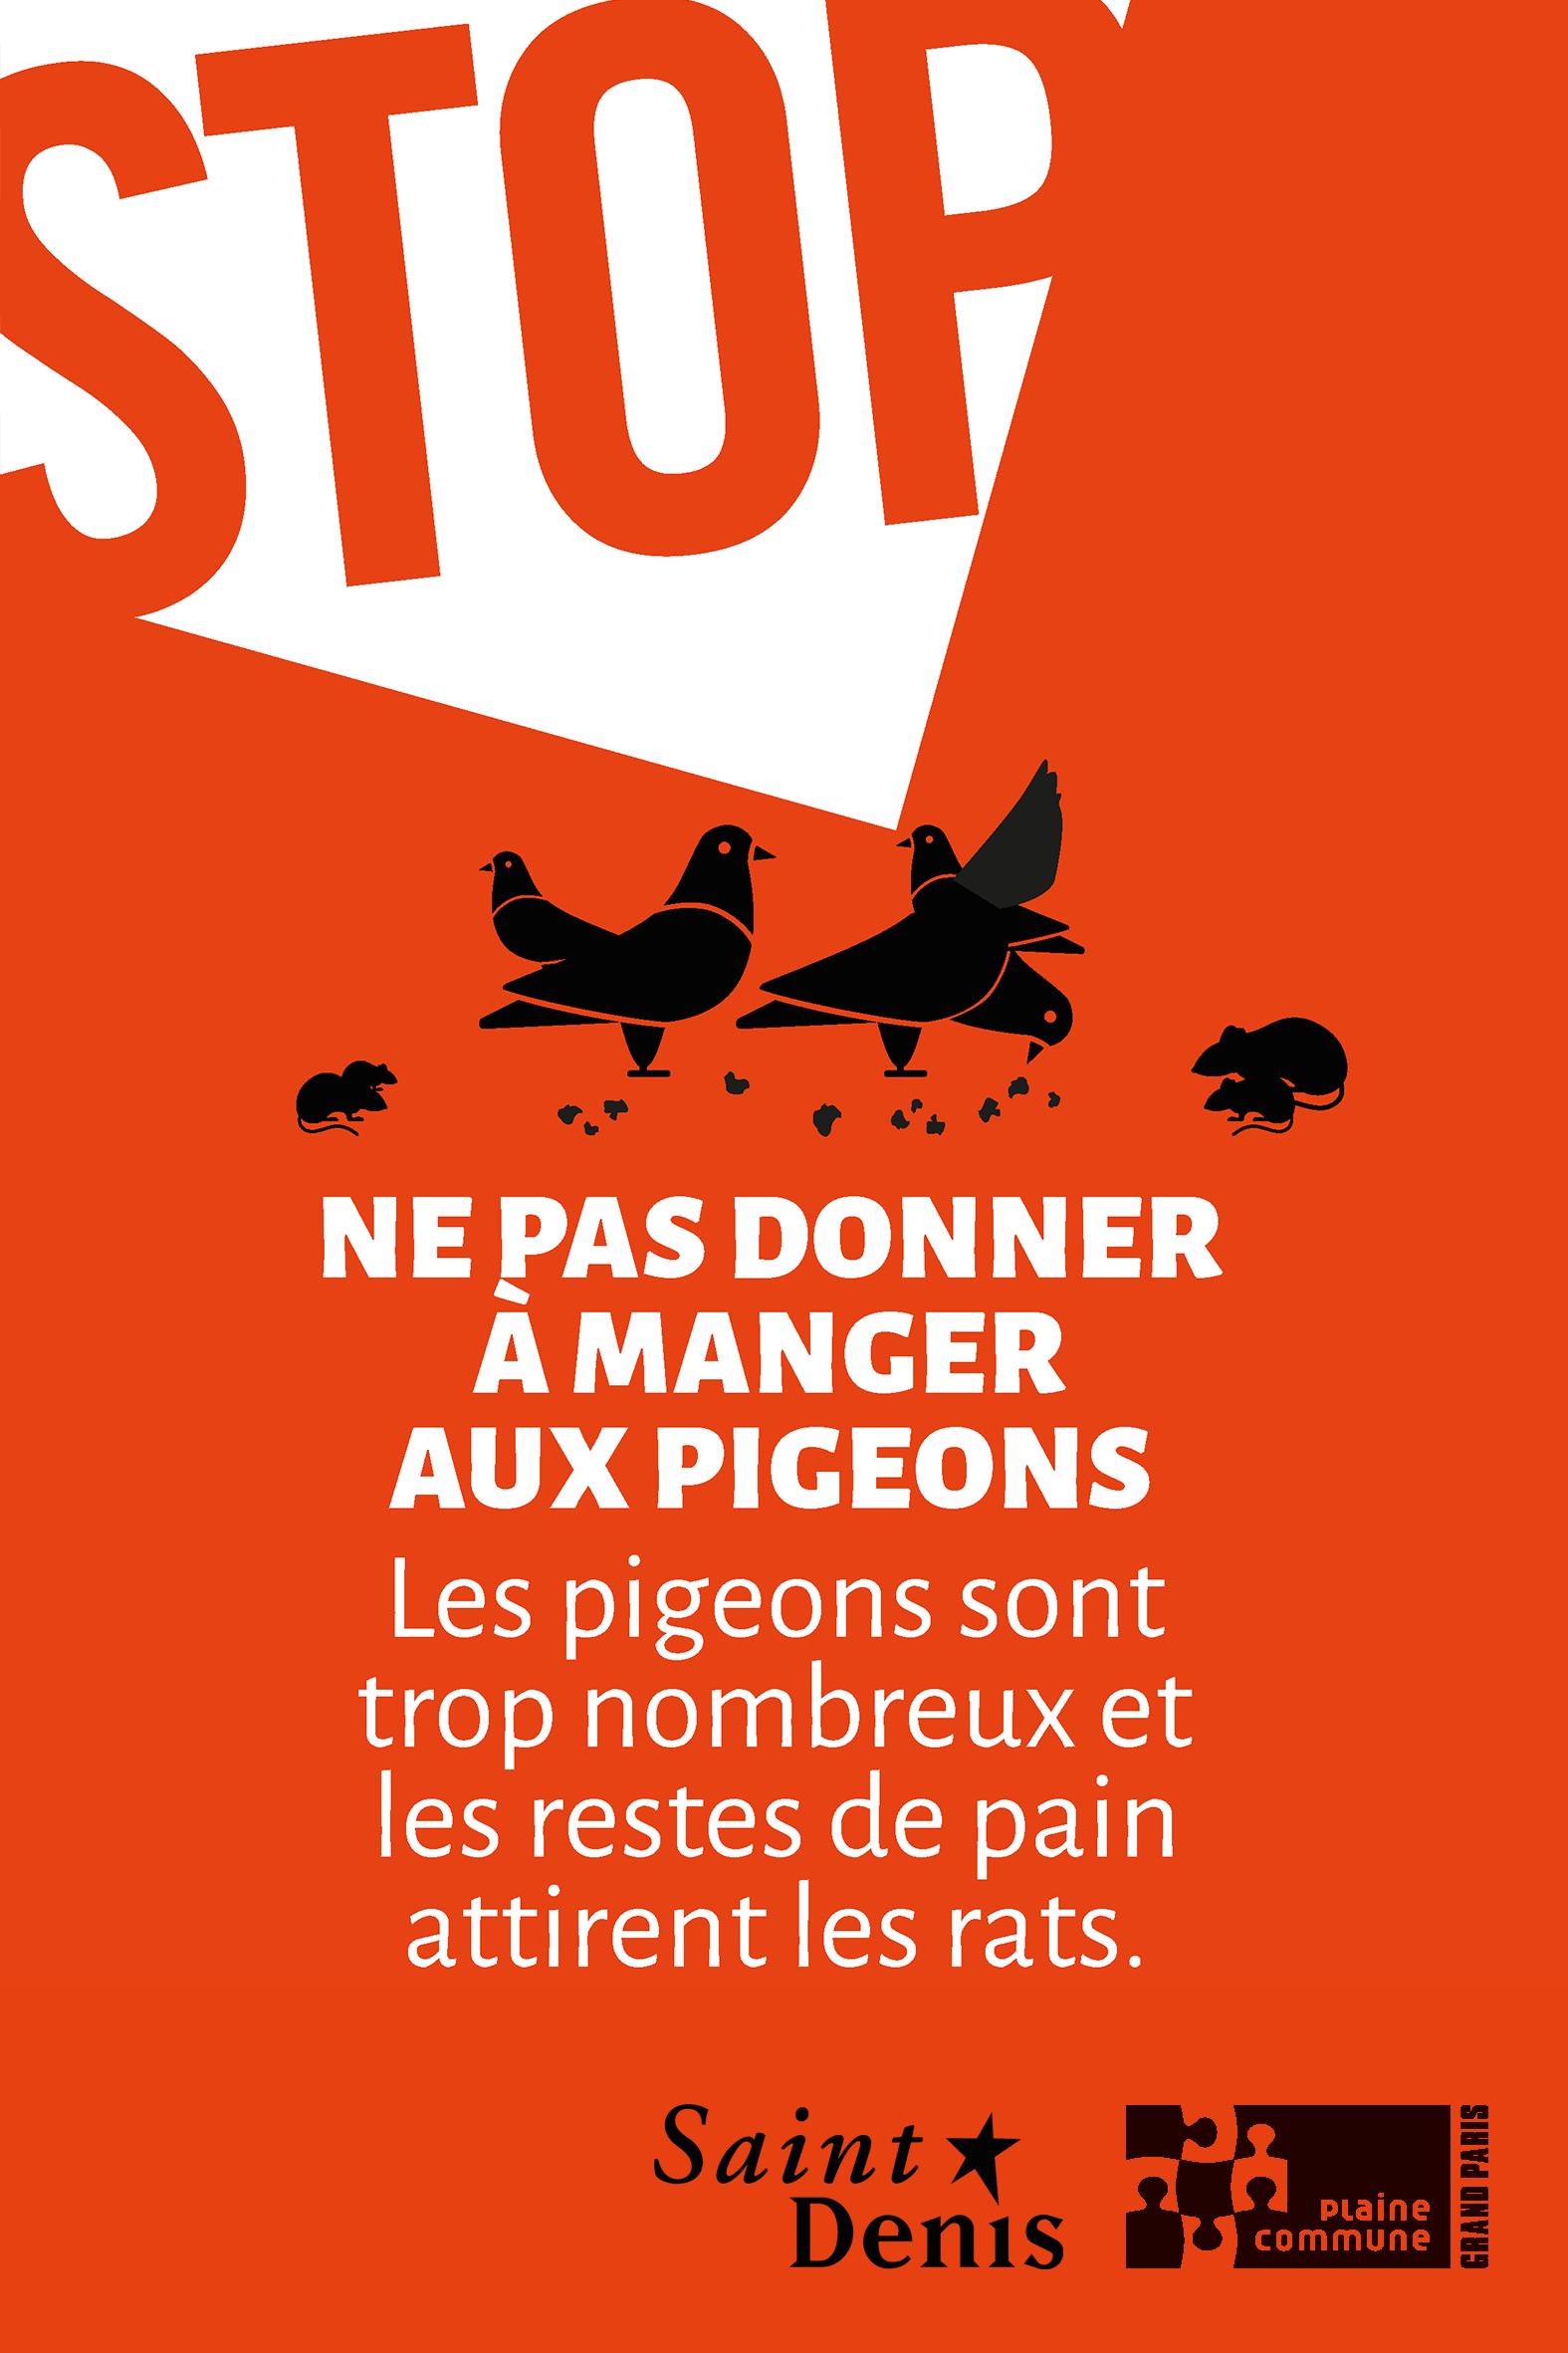 Les bons gestes pour une ville propre - nourir les pigeons c'est nourir les rats !